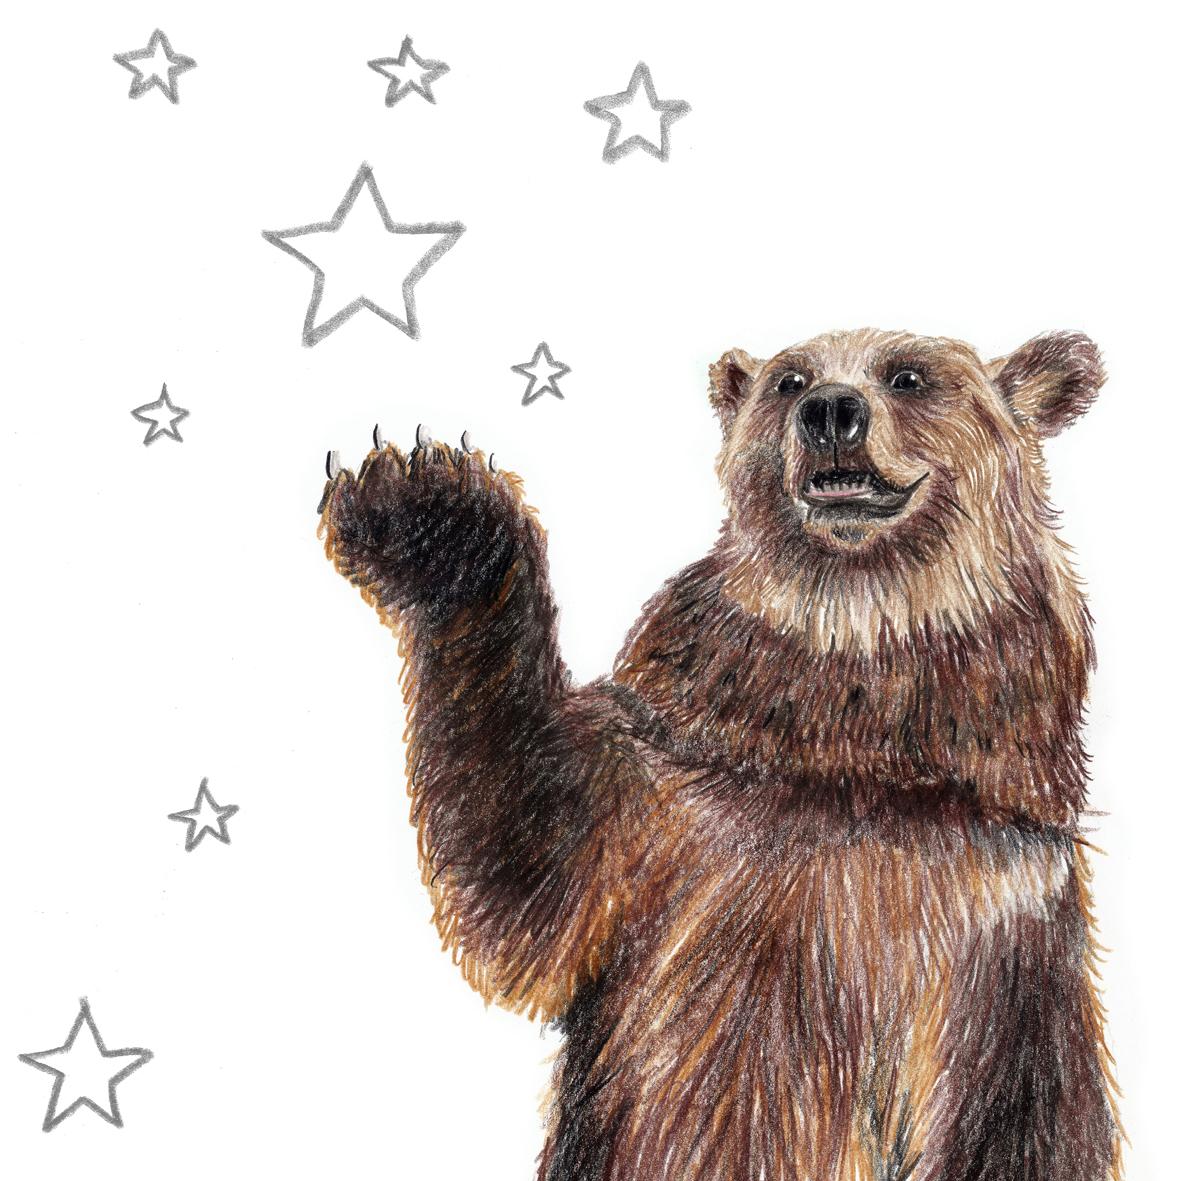 Zeichnung Bär mit Sternen, Kunstdruck, Poster, A4